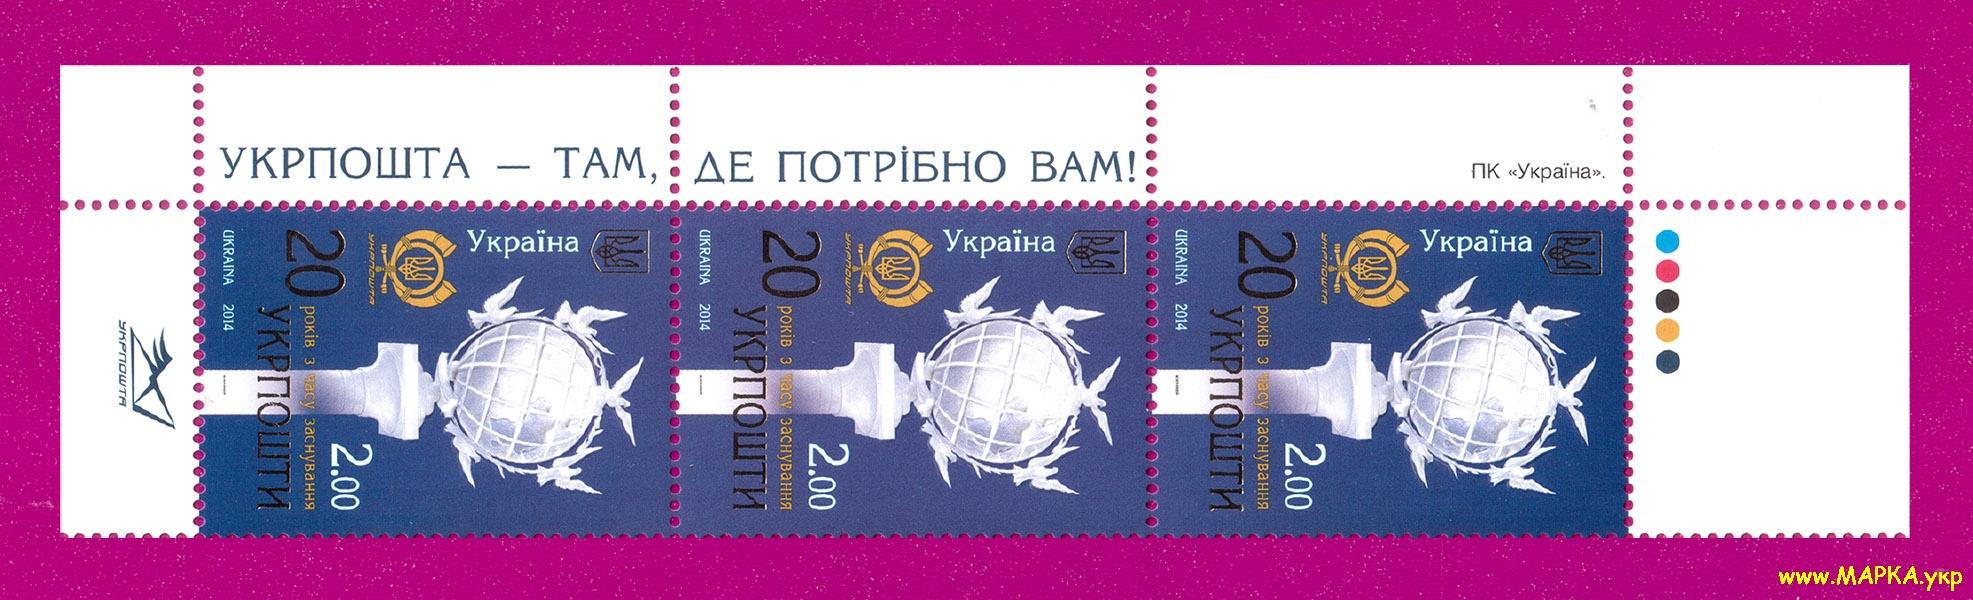 2014 левая часть листа 20 лет Укрпочты Украина